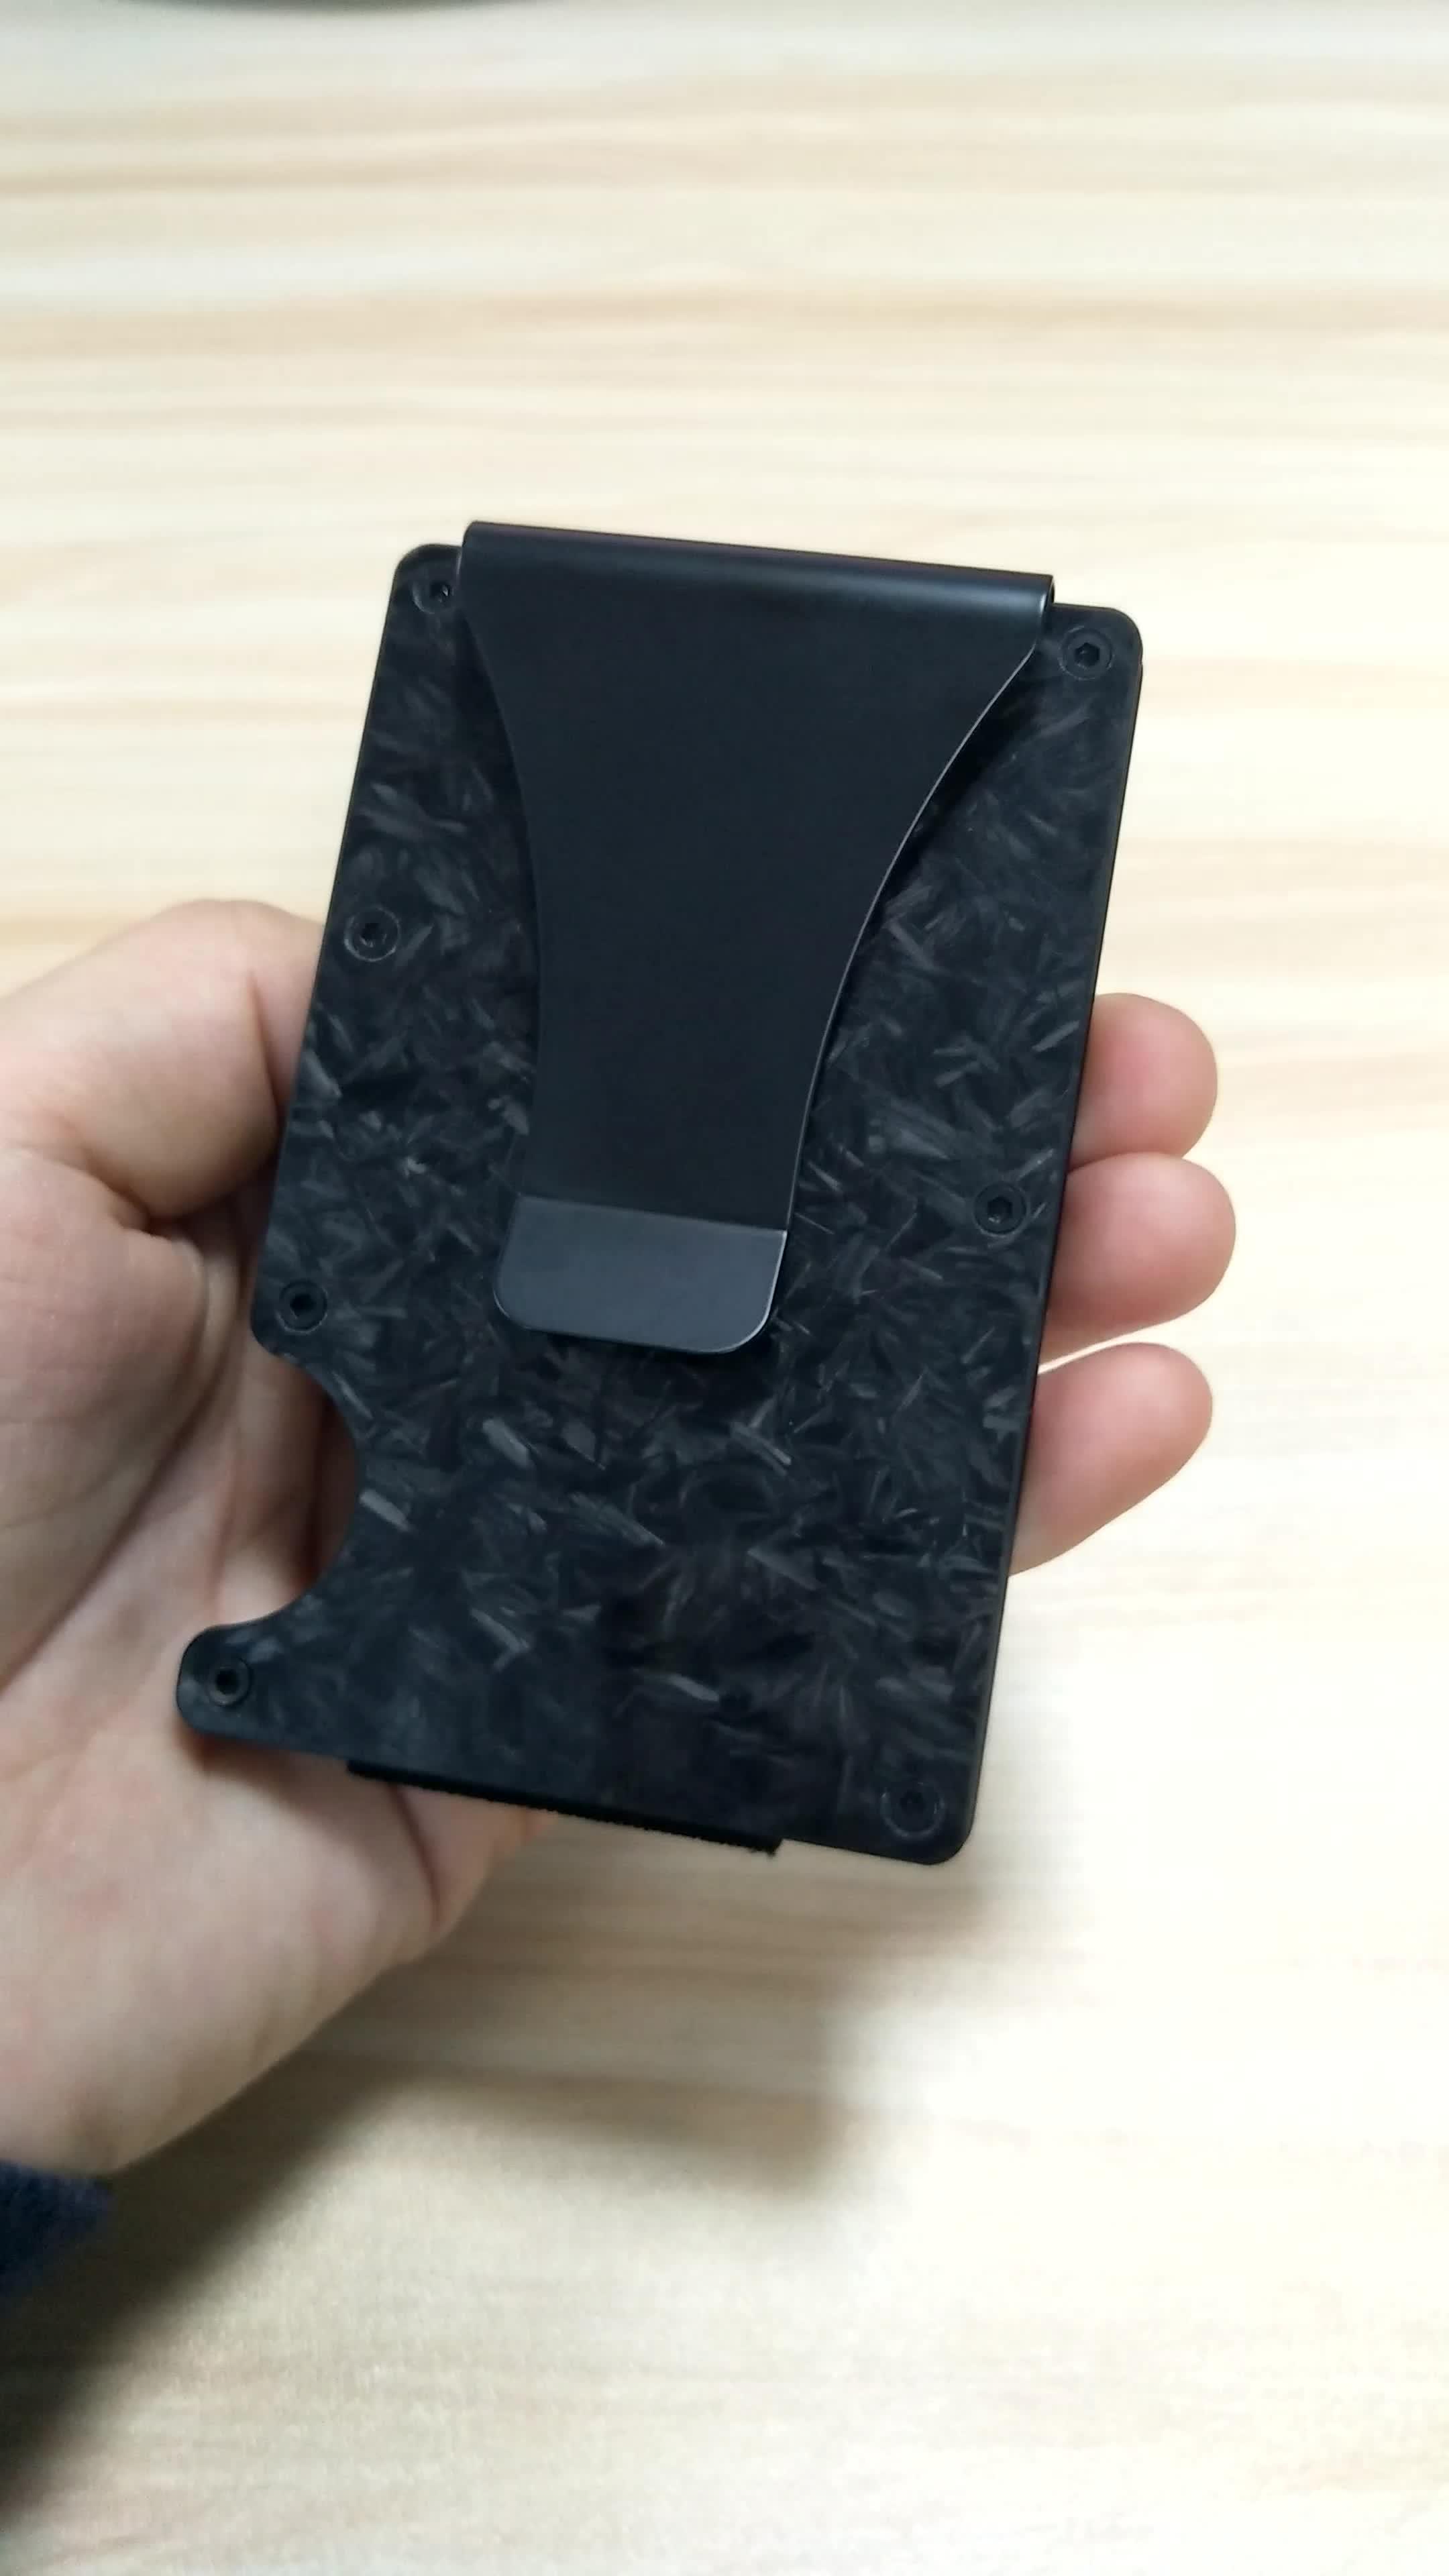 Hot selling Metal Money Clip, Carbon Fiber Card Holder Slim Pocket Wallets for Men & Women